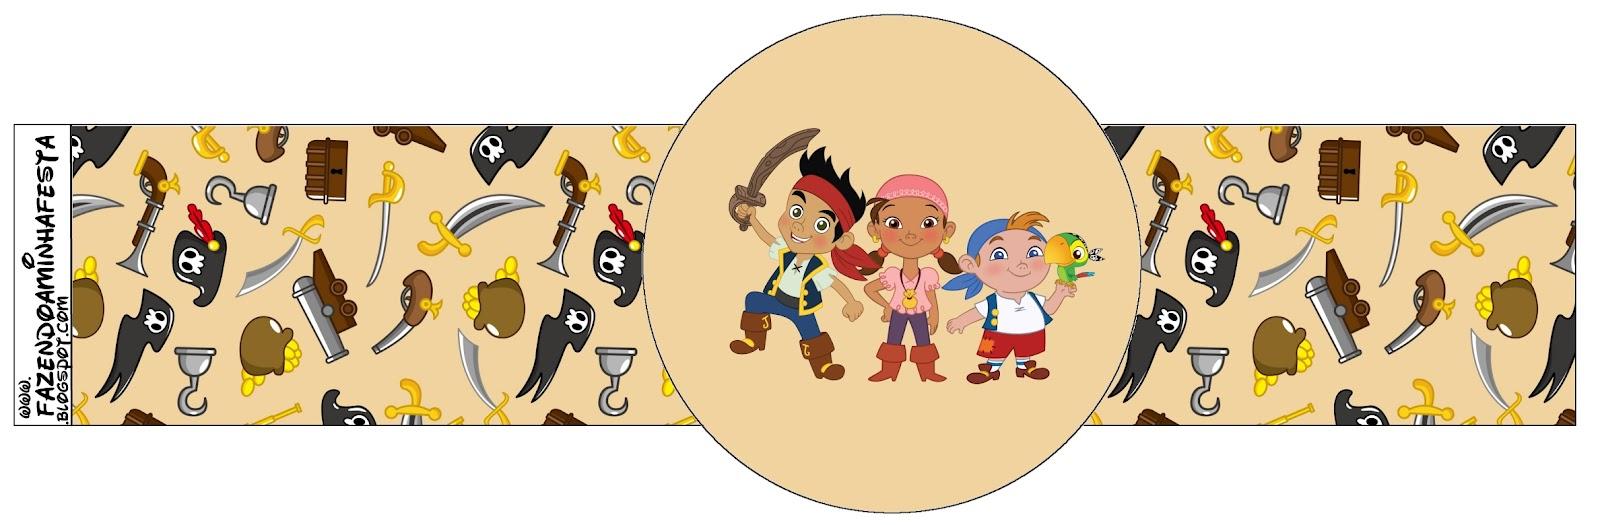 imprimibles de jake y los piratas de nunca jamas 6